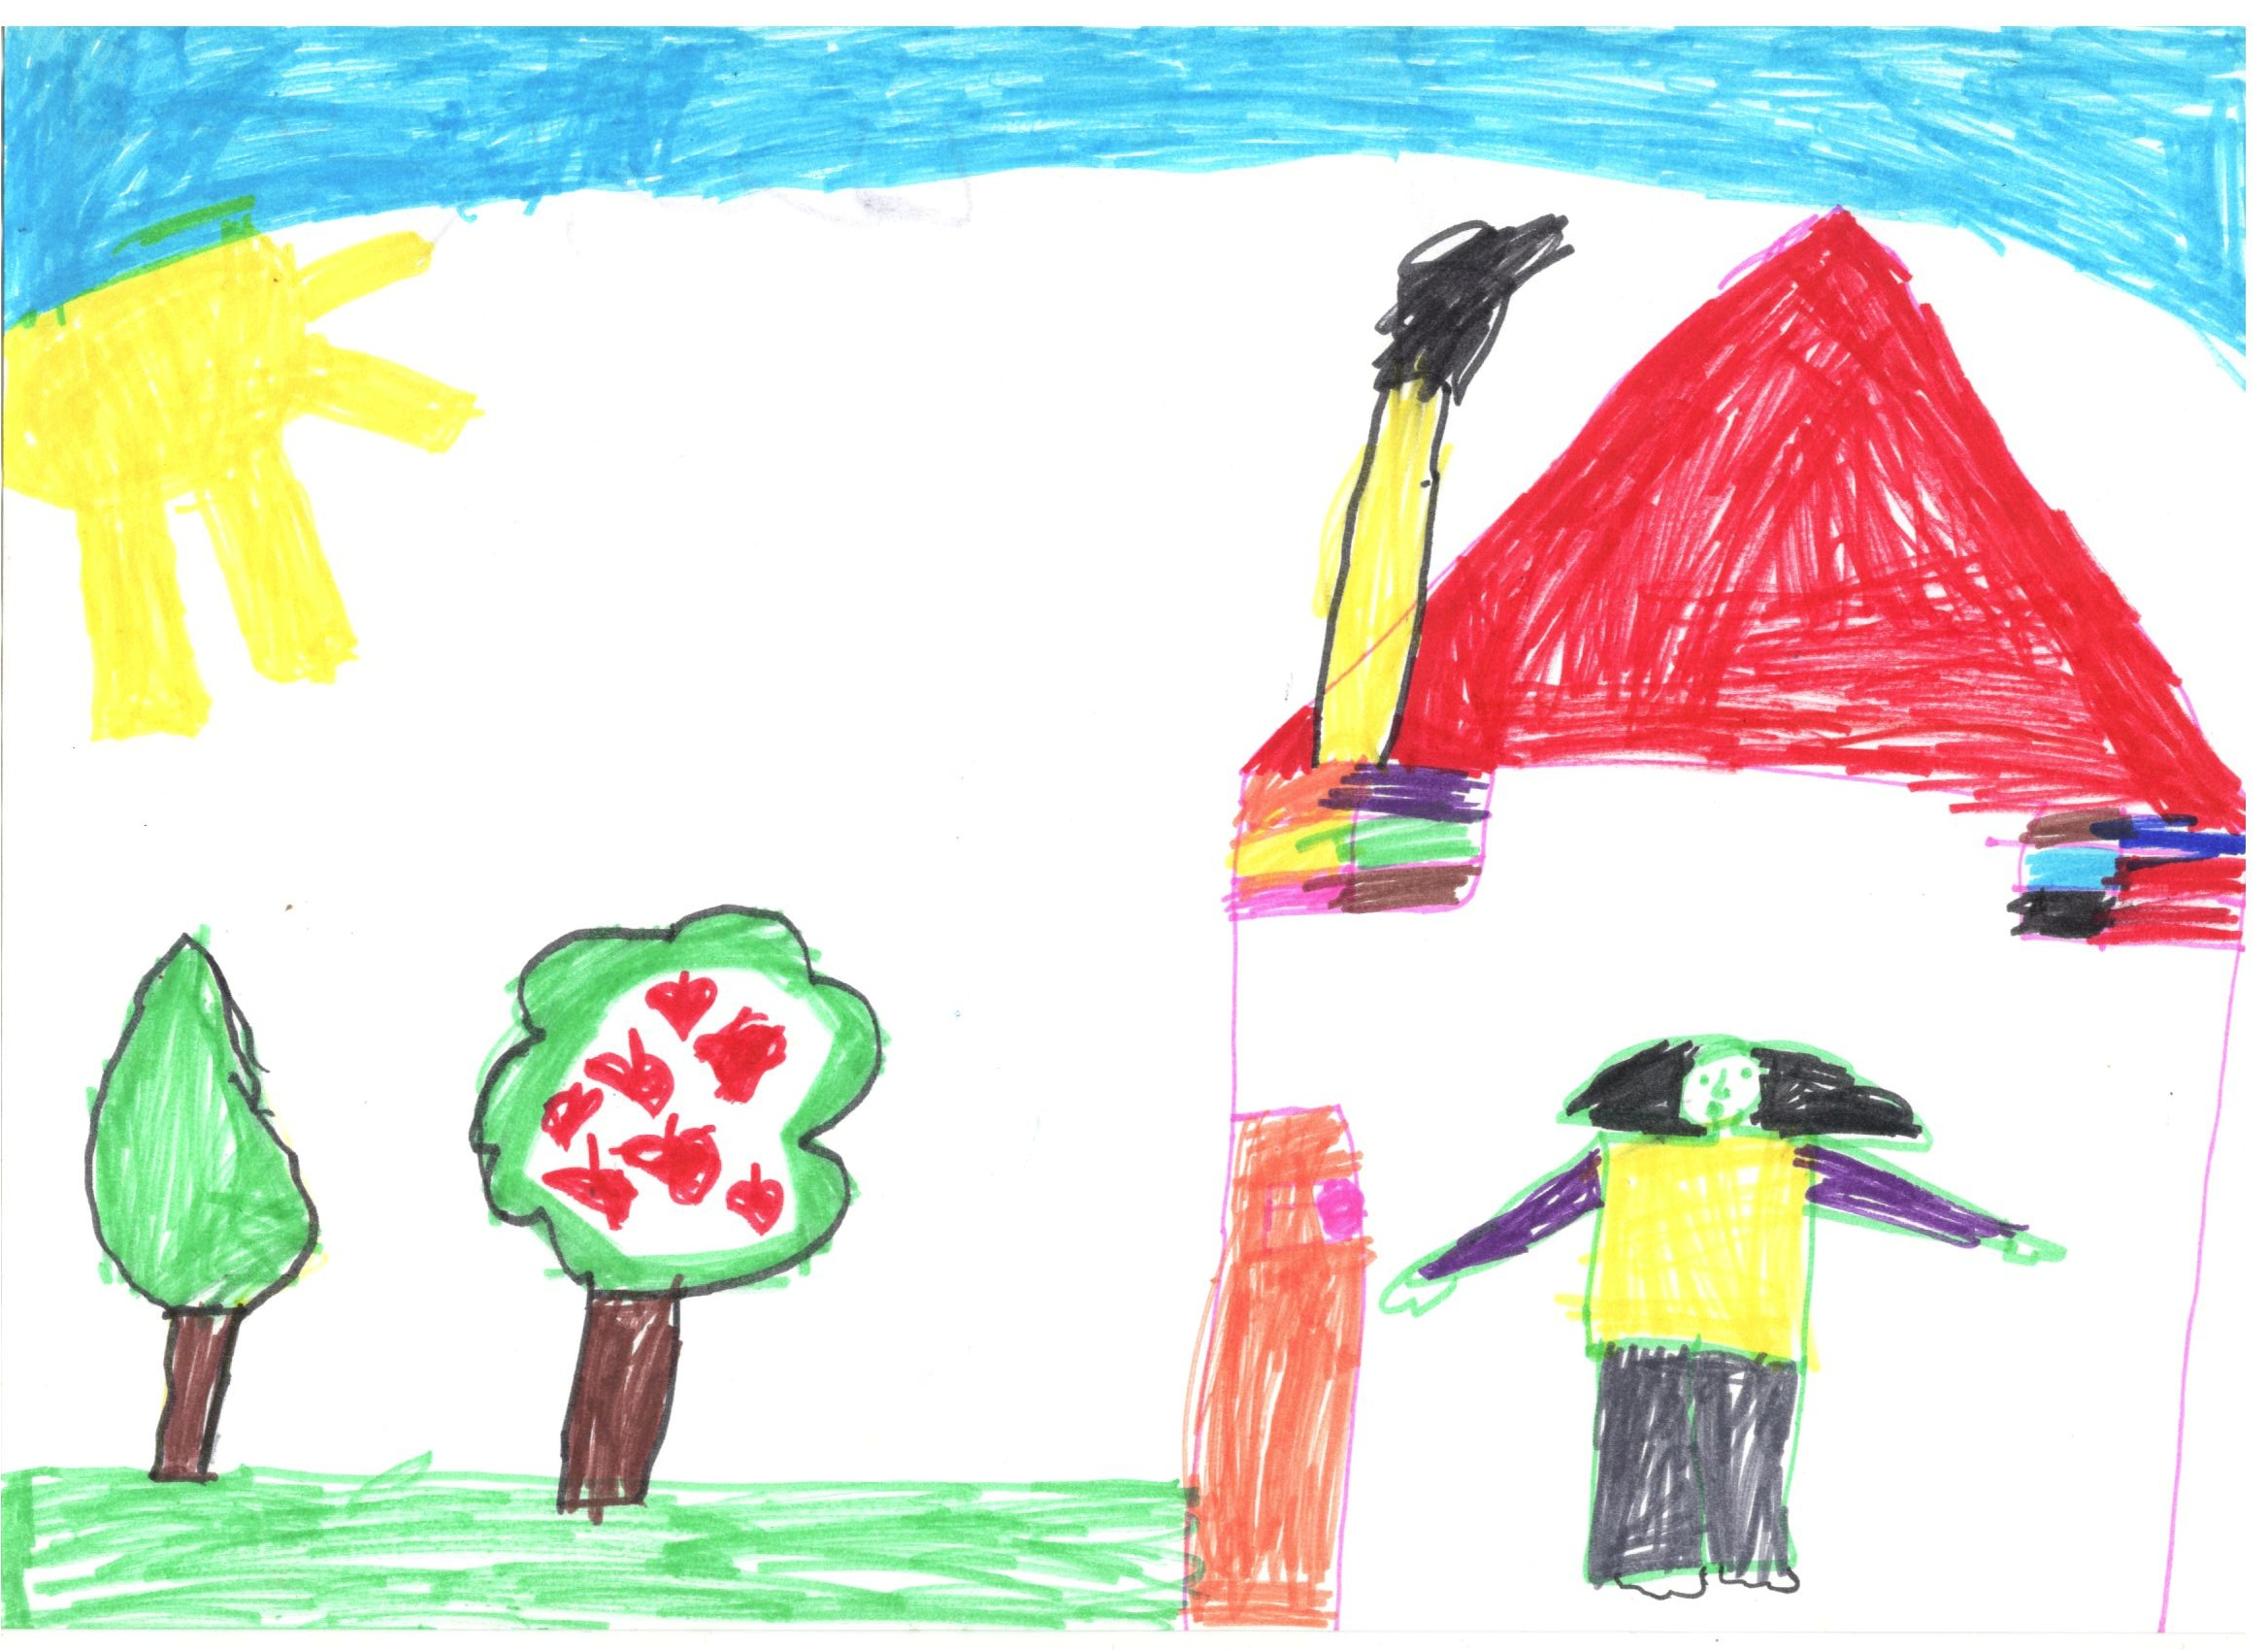 Dessin de Yumna, 6 ans. Elle ne parle pas mais vient  toujours car elle est passionnée de marionnettes